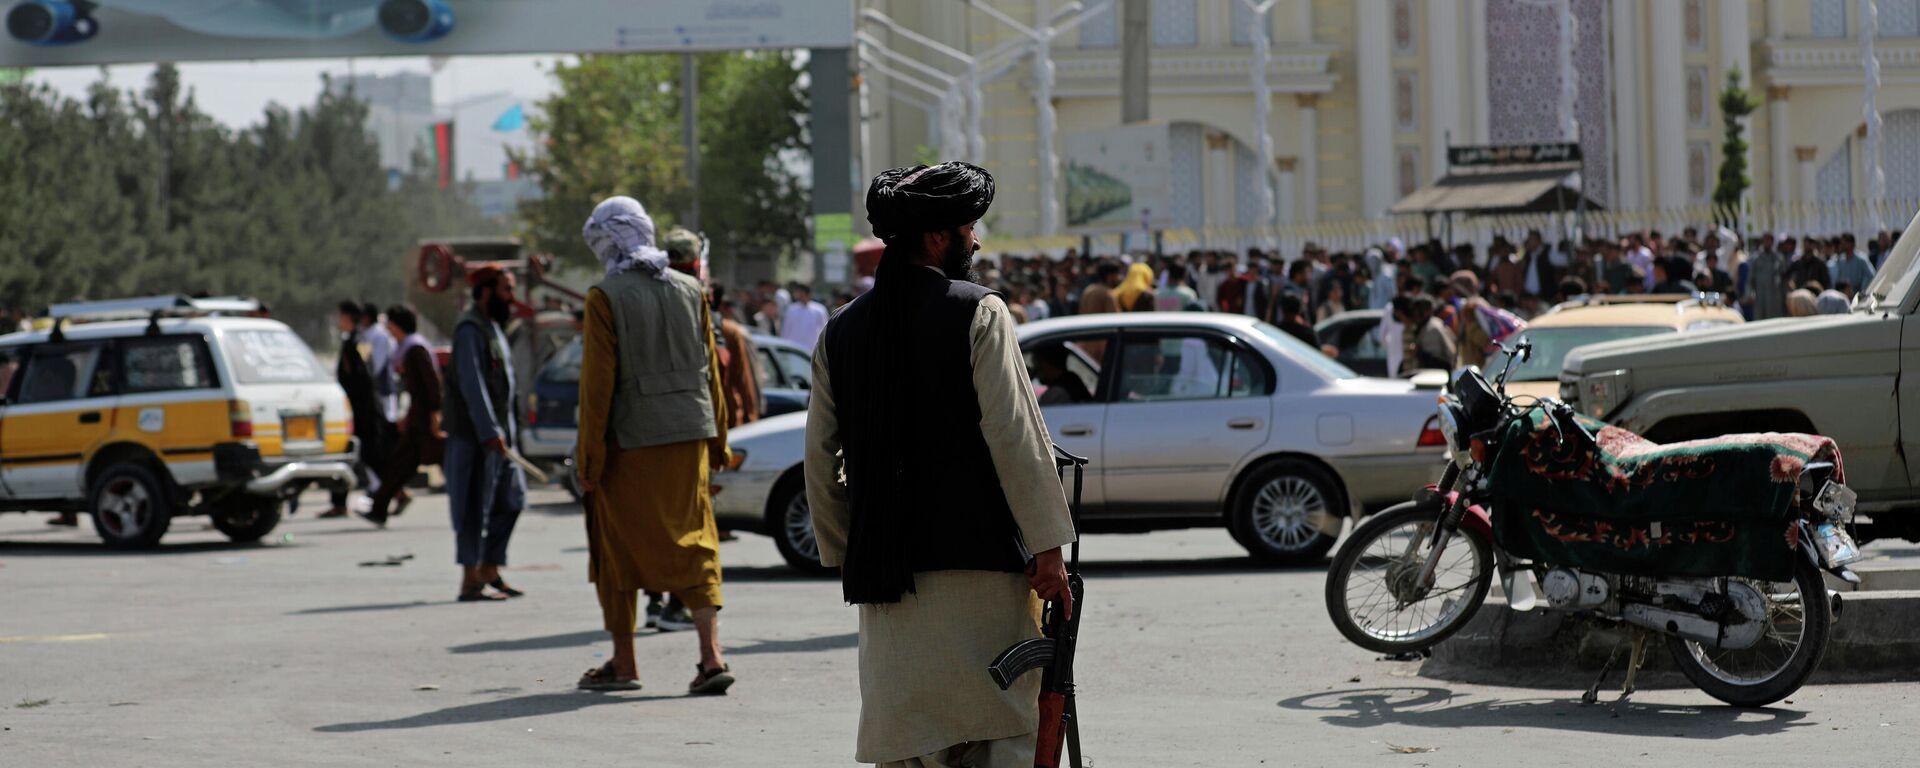 Afganistan'da yeni dönem |  Rusya: Taliban'ın temel insan haklarını gözeteceğini umuyoruz - Sputnik Türkiye, 1920, 18.08.2021